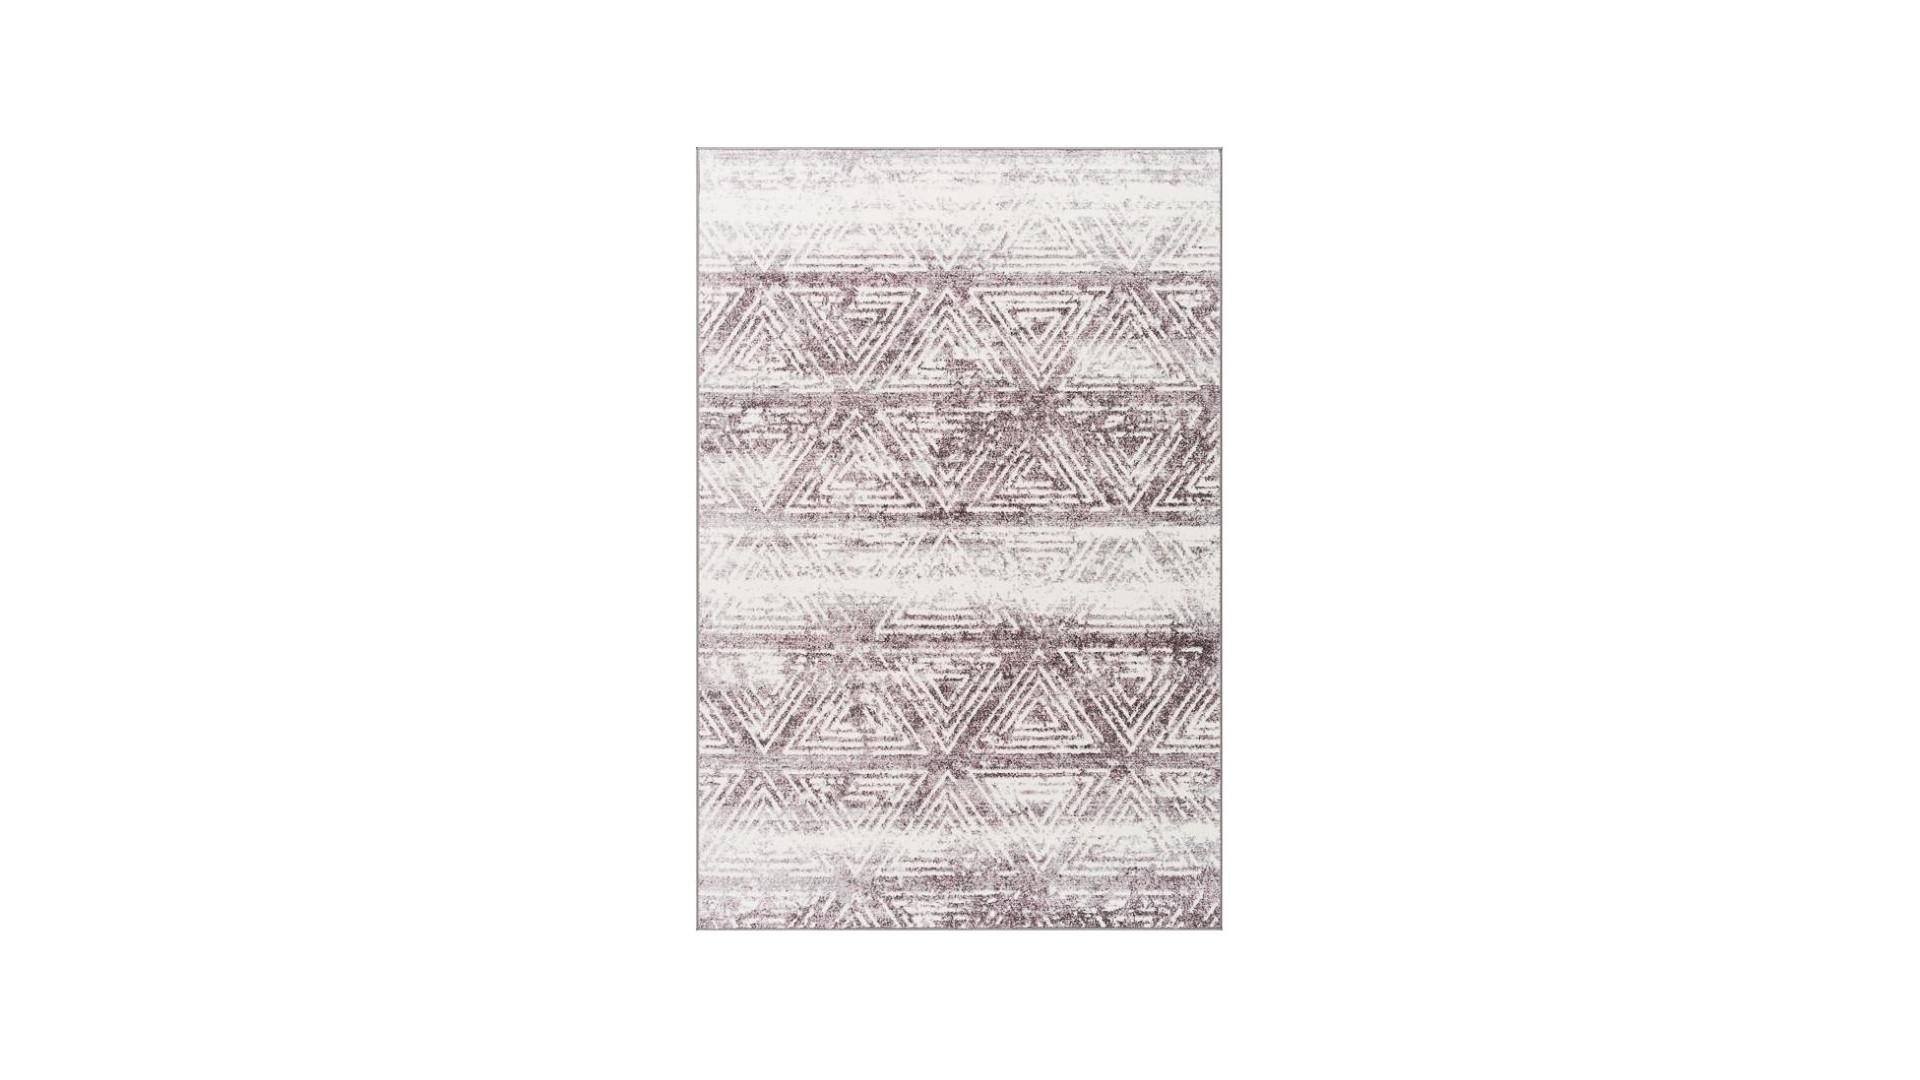 Przepiękne wykonanie dywanu. Cudowne barwy. Wysoka jakość wykonania.